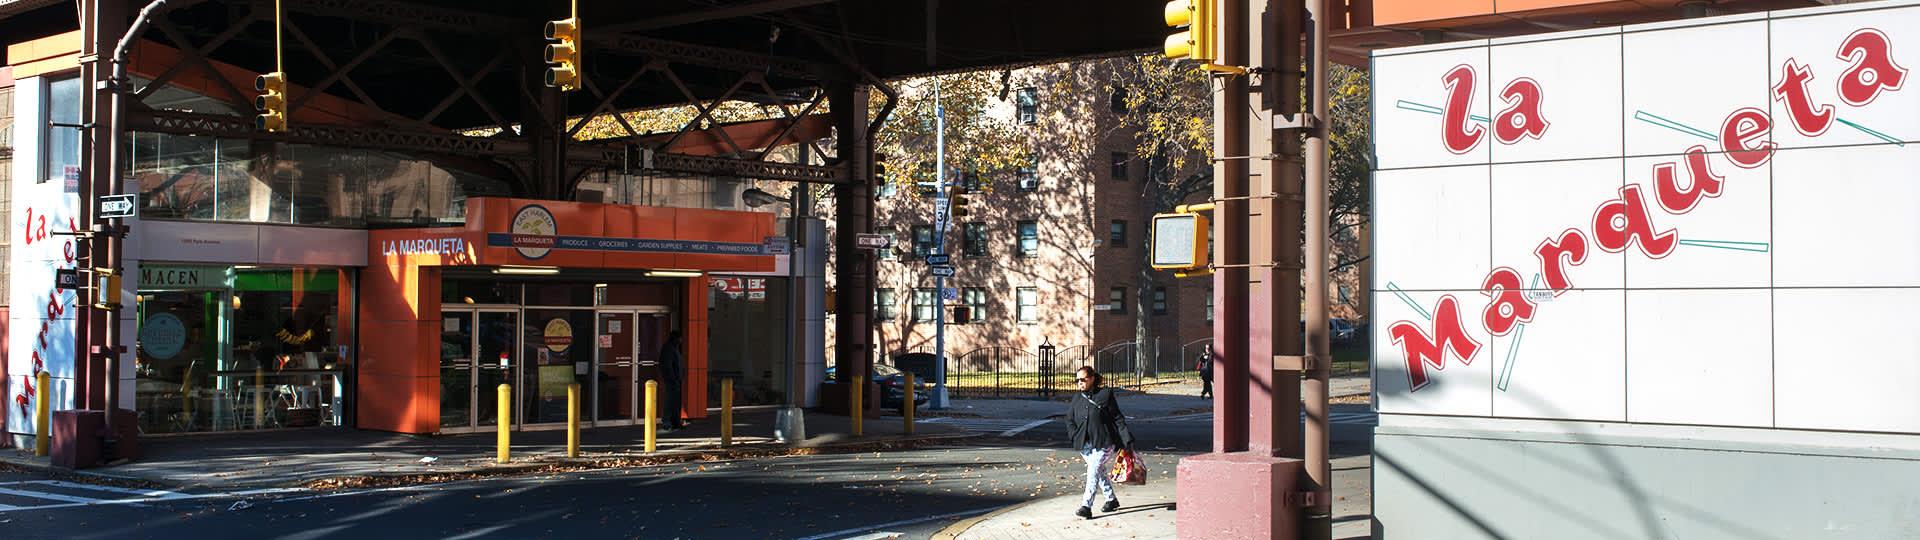 East Harlem, La Marqueta